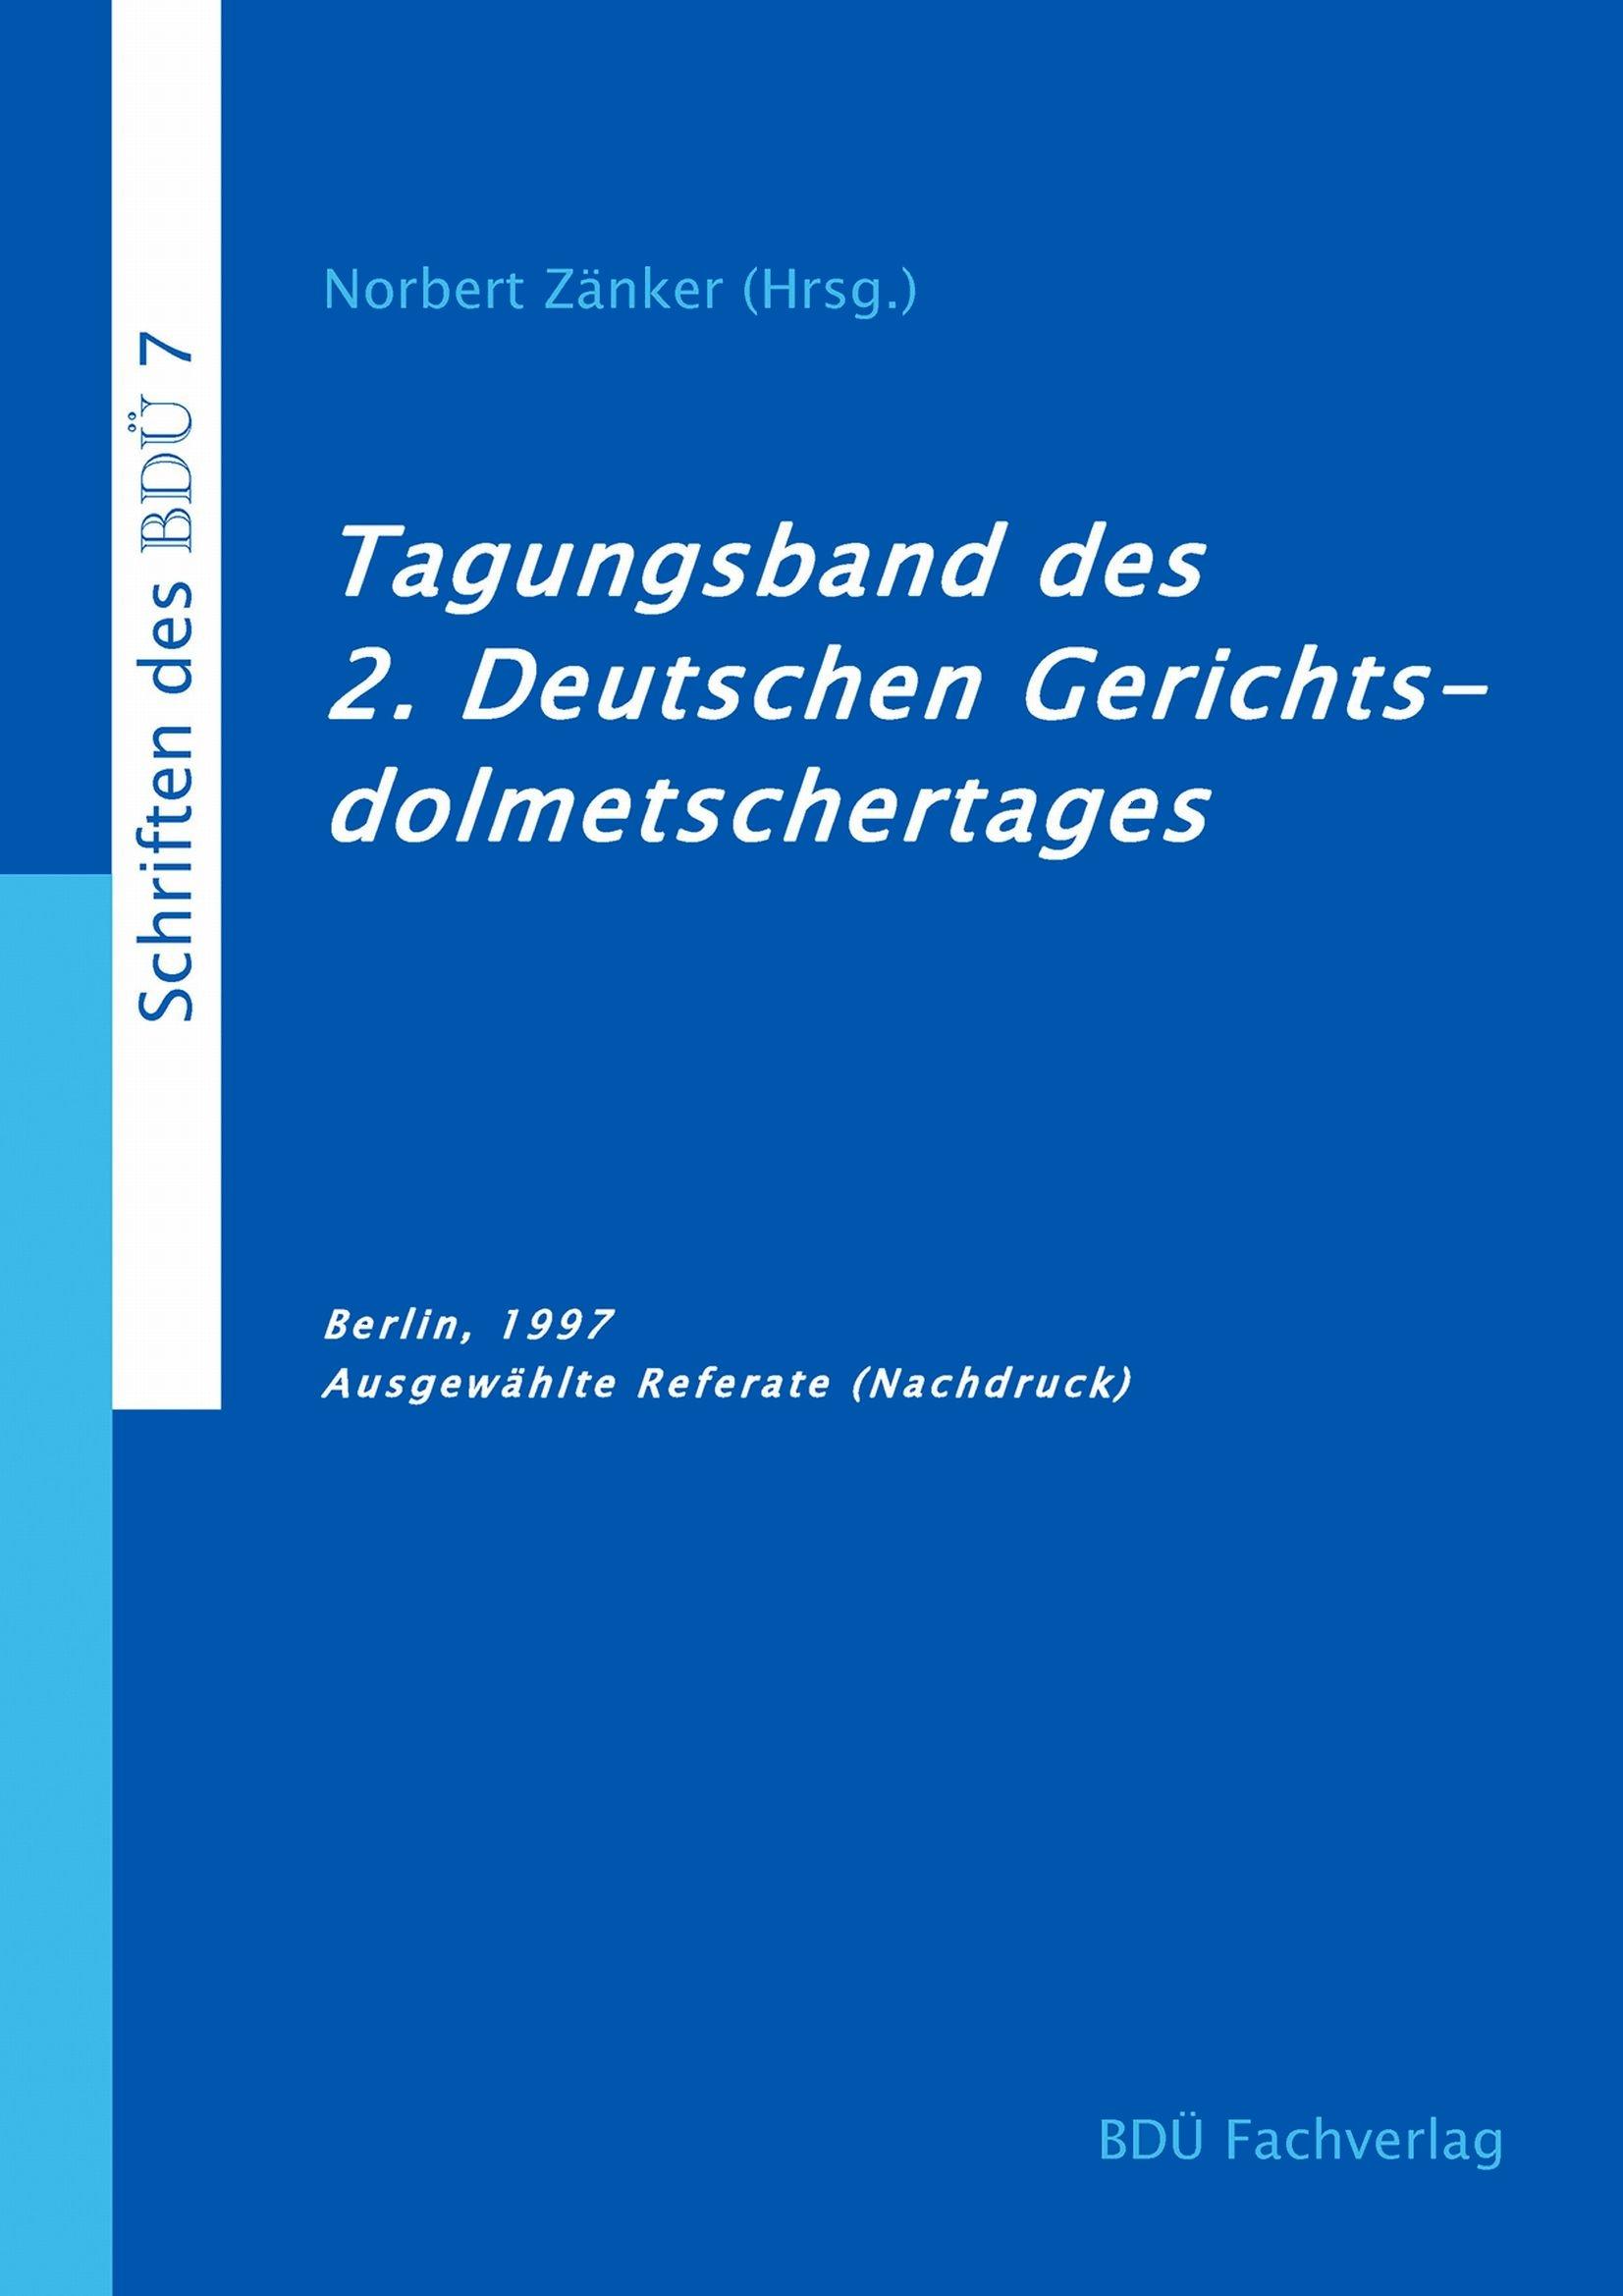 2. Deutscher Gerichtsdolmetschertag